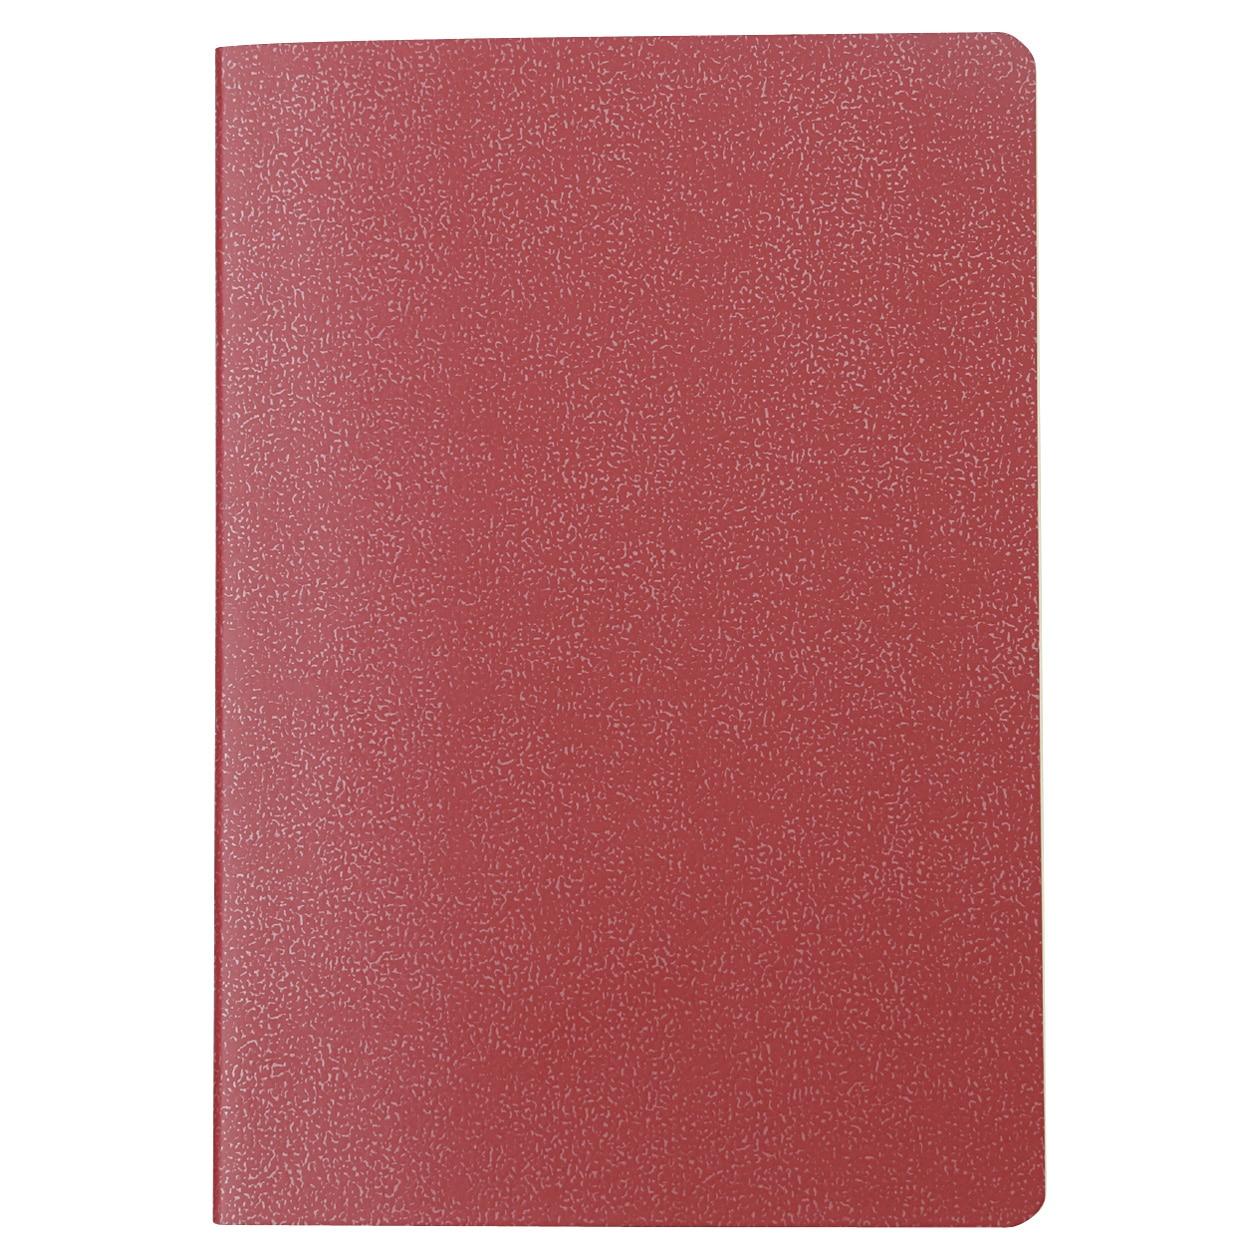 再生紙パスポートメモ